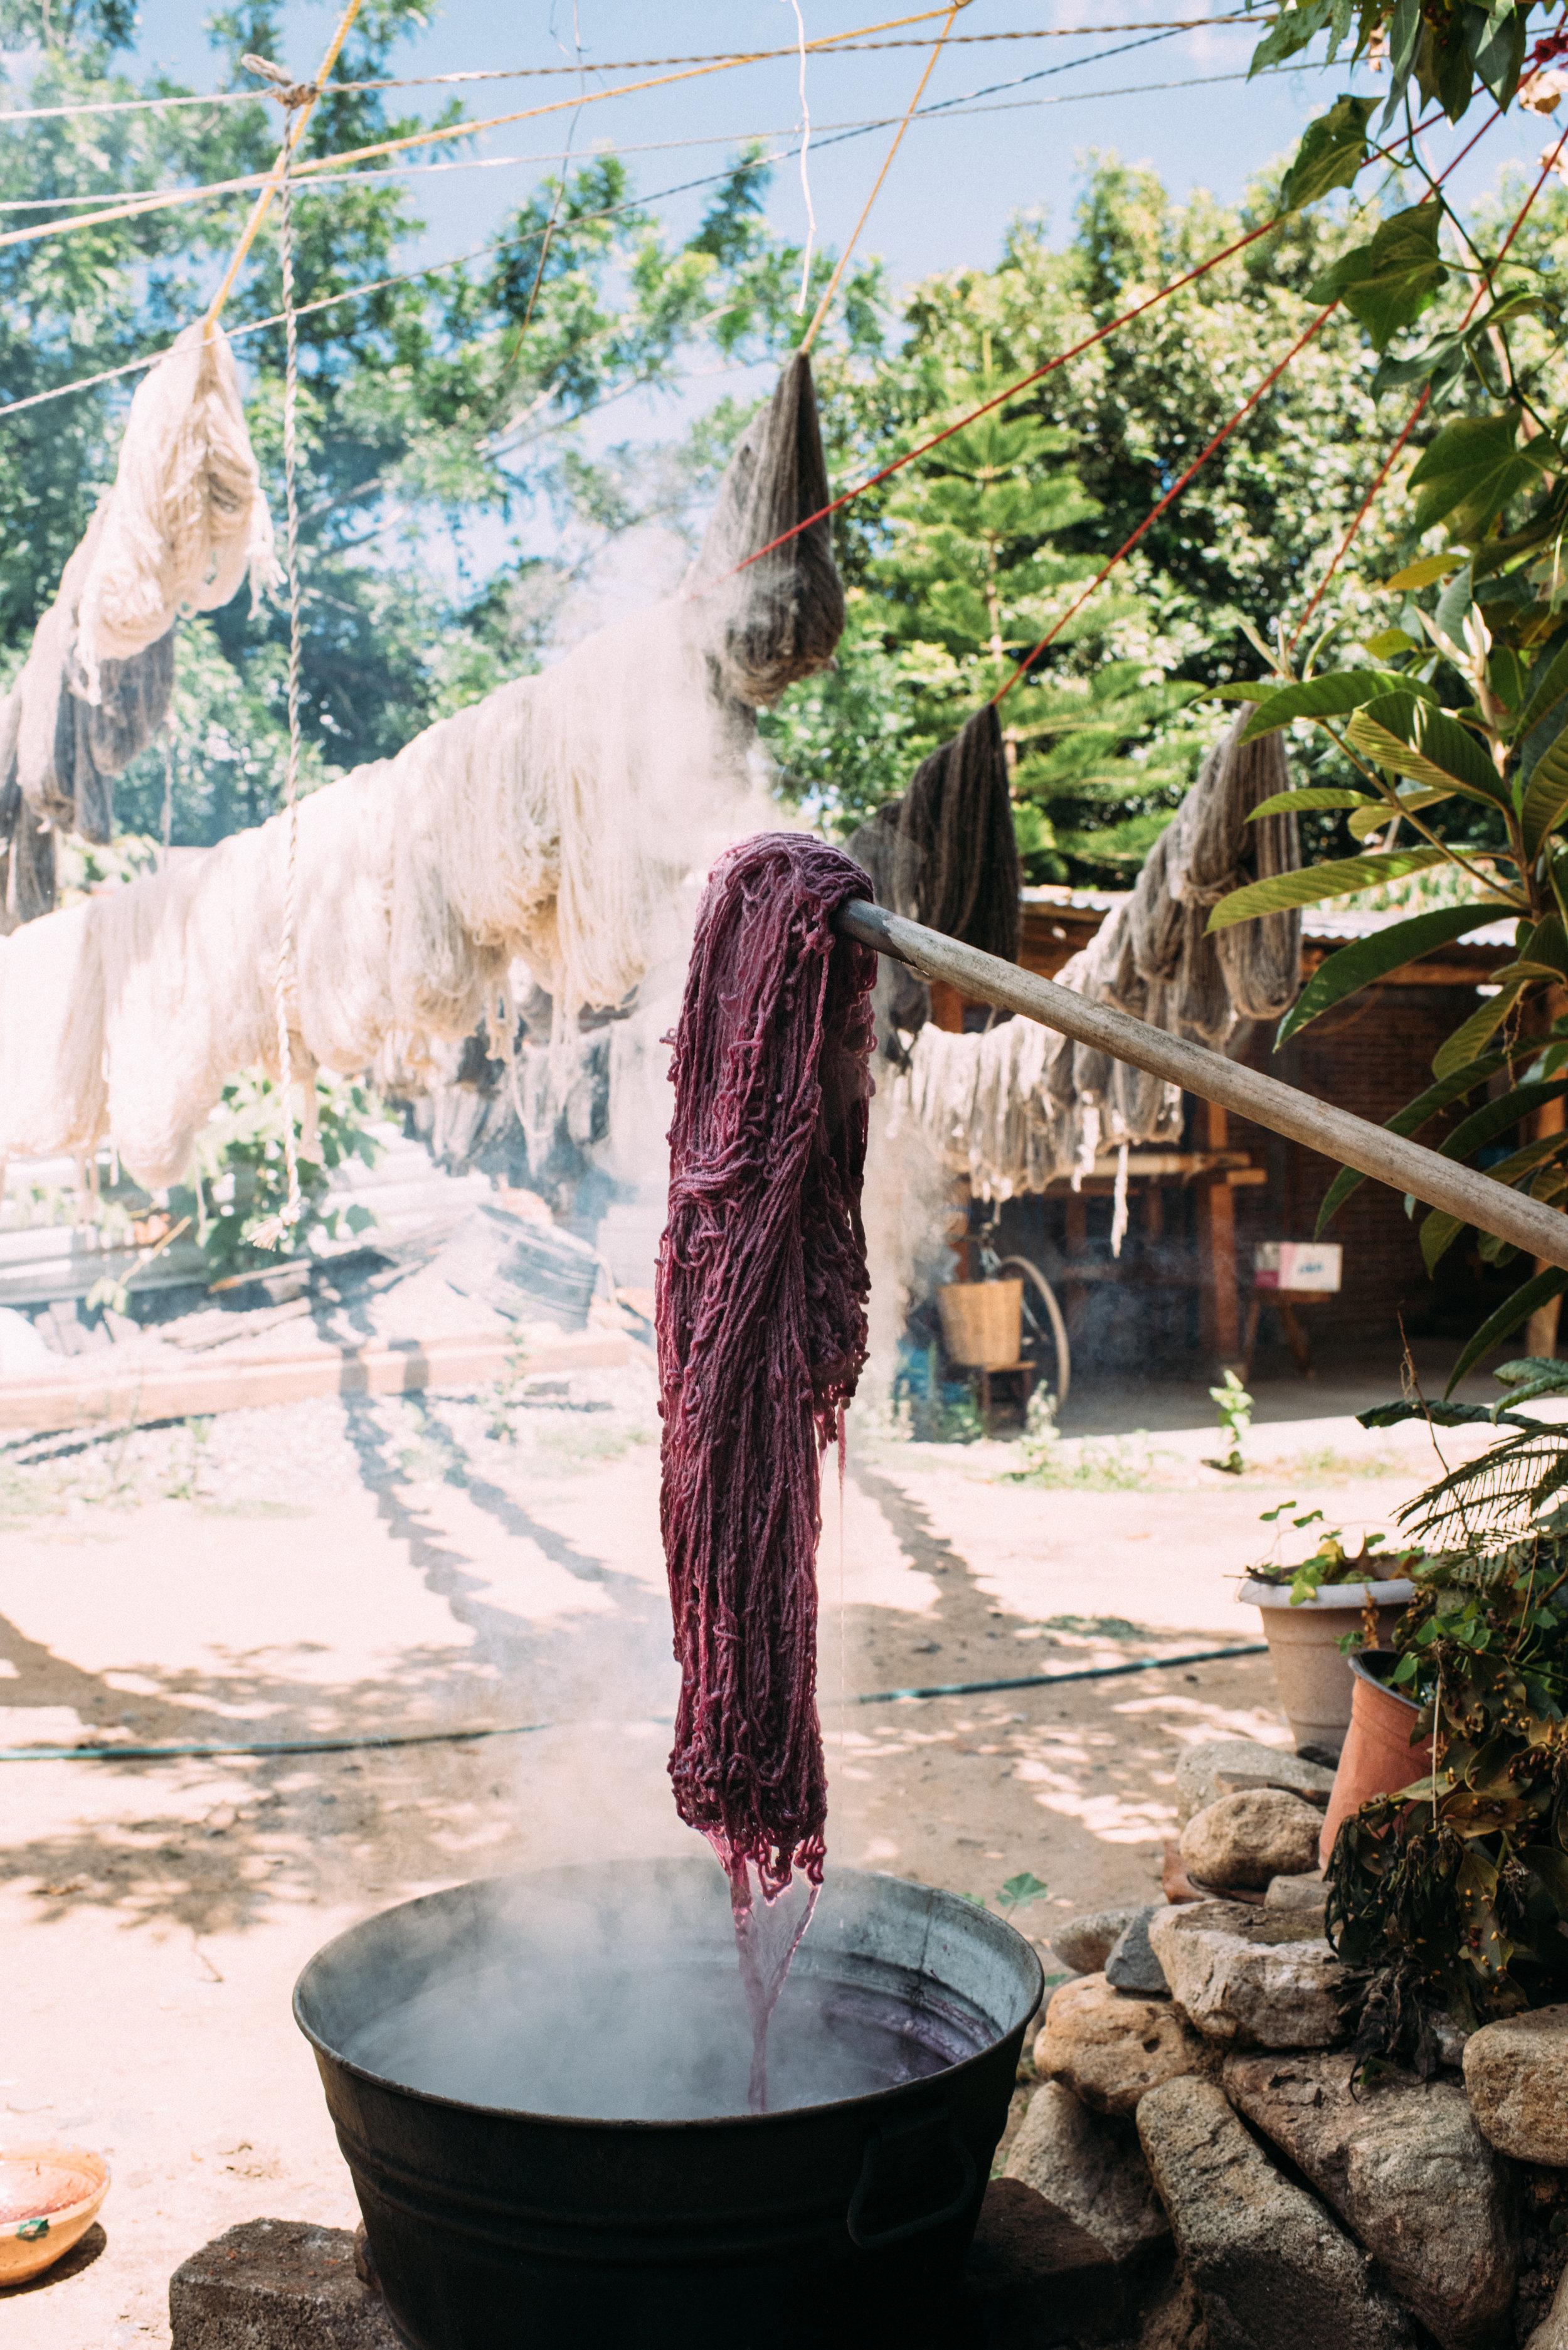 180627_Oaxaca_DustinFranz_Color_322.jpg